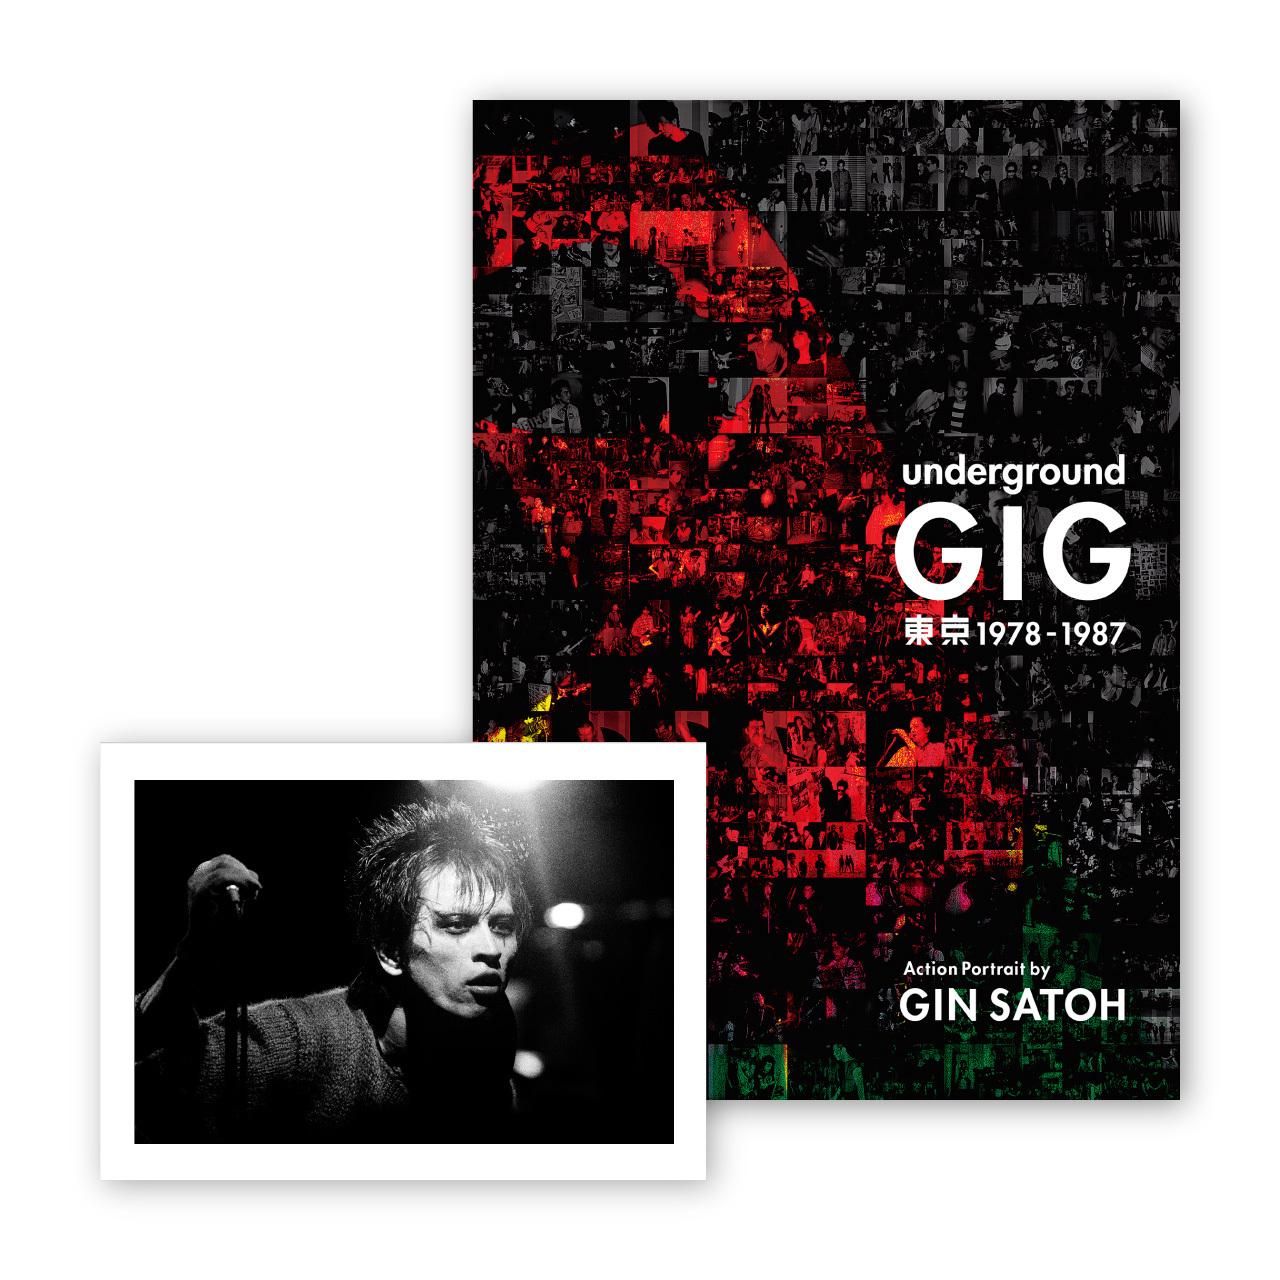 """Underground GIG Tokyo 1978 – 1987 Action Portrait by Gin SATOH w/ Original Print """"The Stalin 1984 #14"""""""